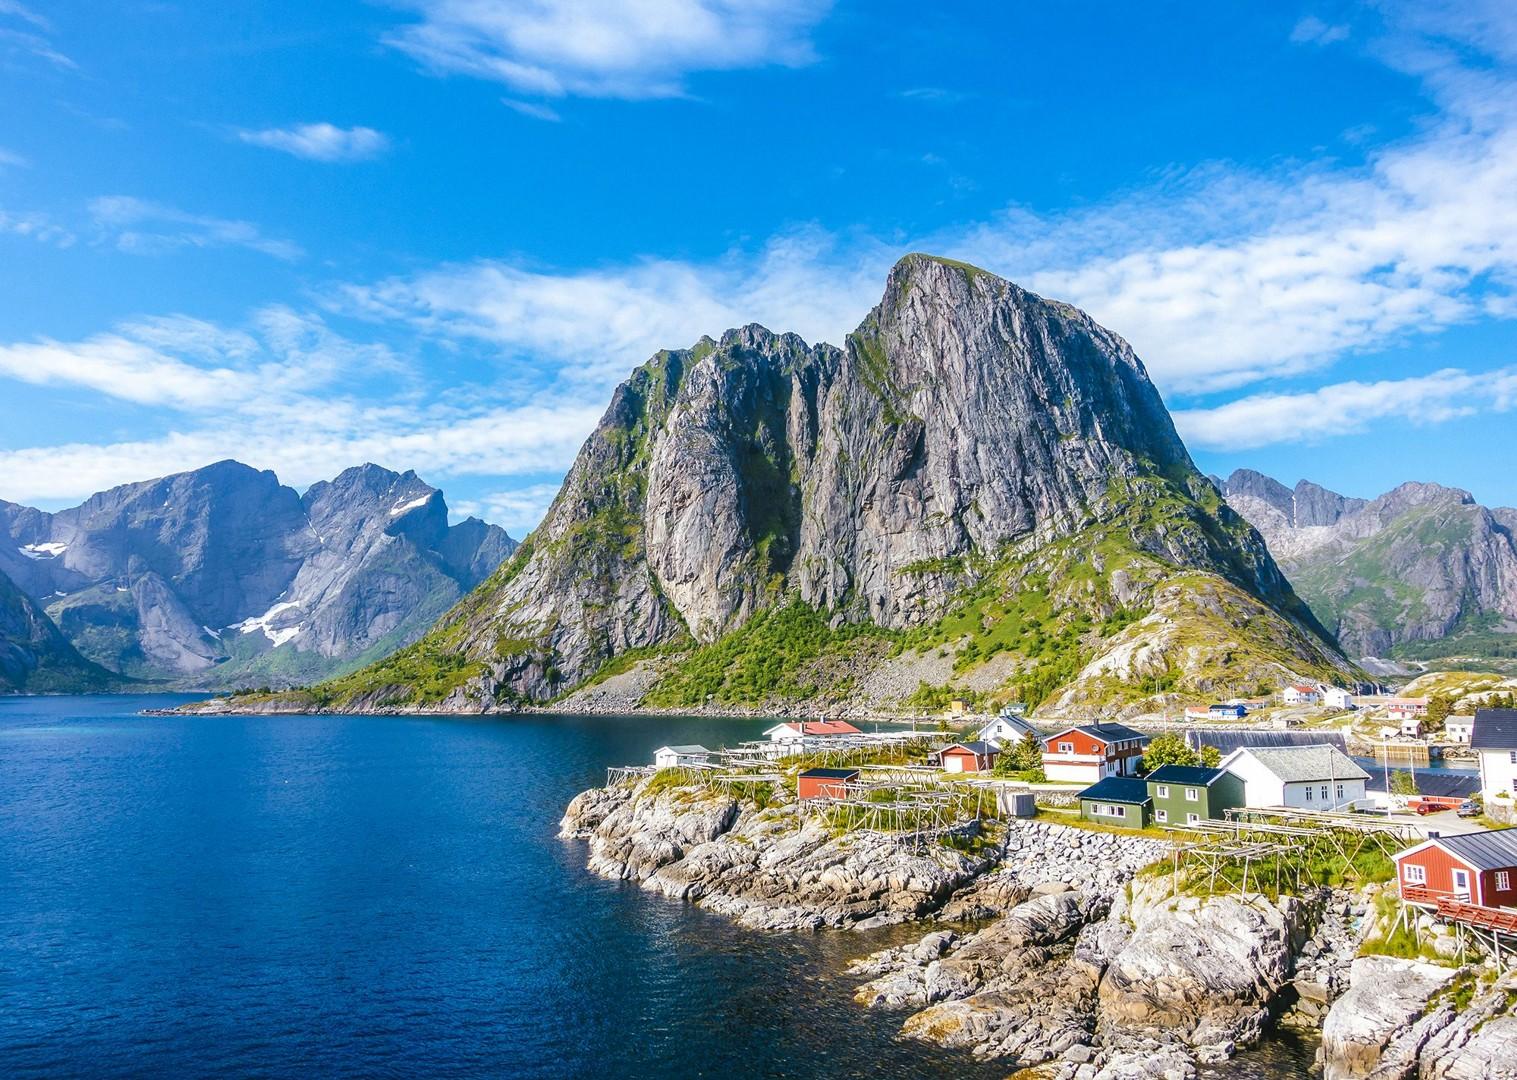 breathtaking-views-lofoten-islands-sea-cliffs-bike-holiday.jpg - Norway - Lofoten Islands - Self-Guided Leisure Cycling Holiday - Leisure Cycling